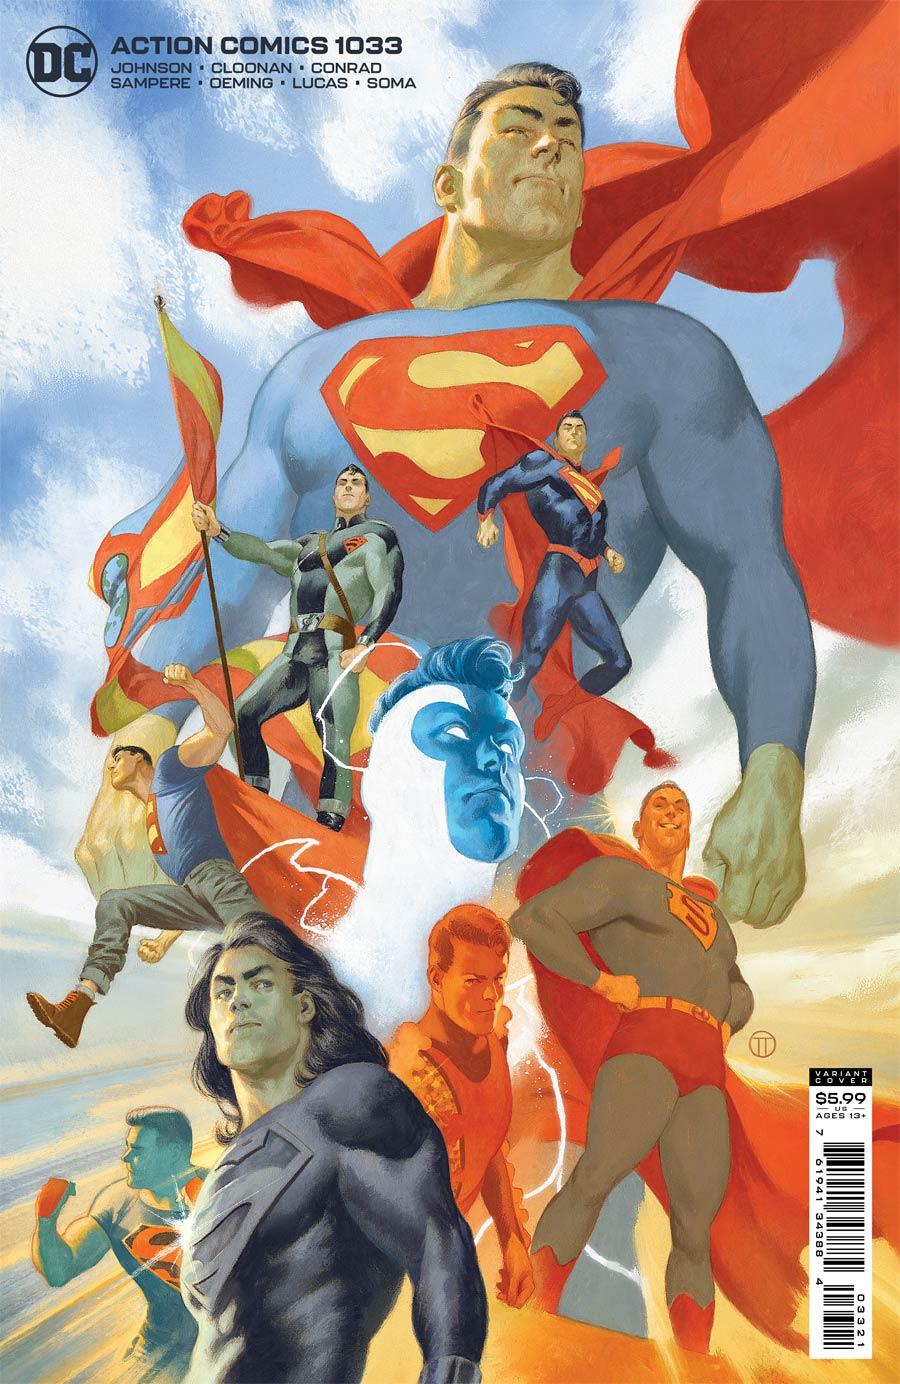 Action Comics Vol 2 #1033 Cover B Variant Julian Totino Tedesco Card Stock Cover